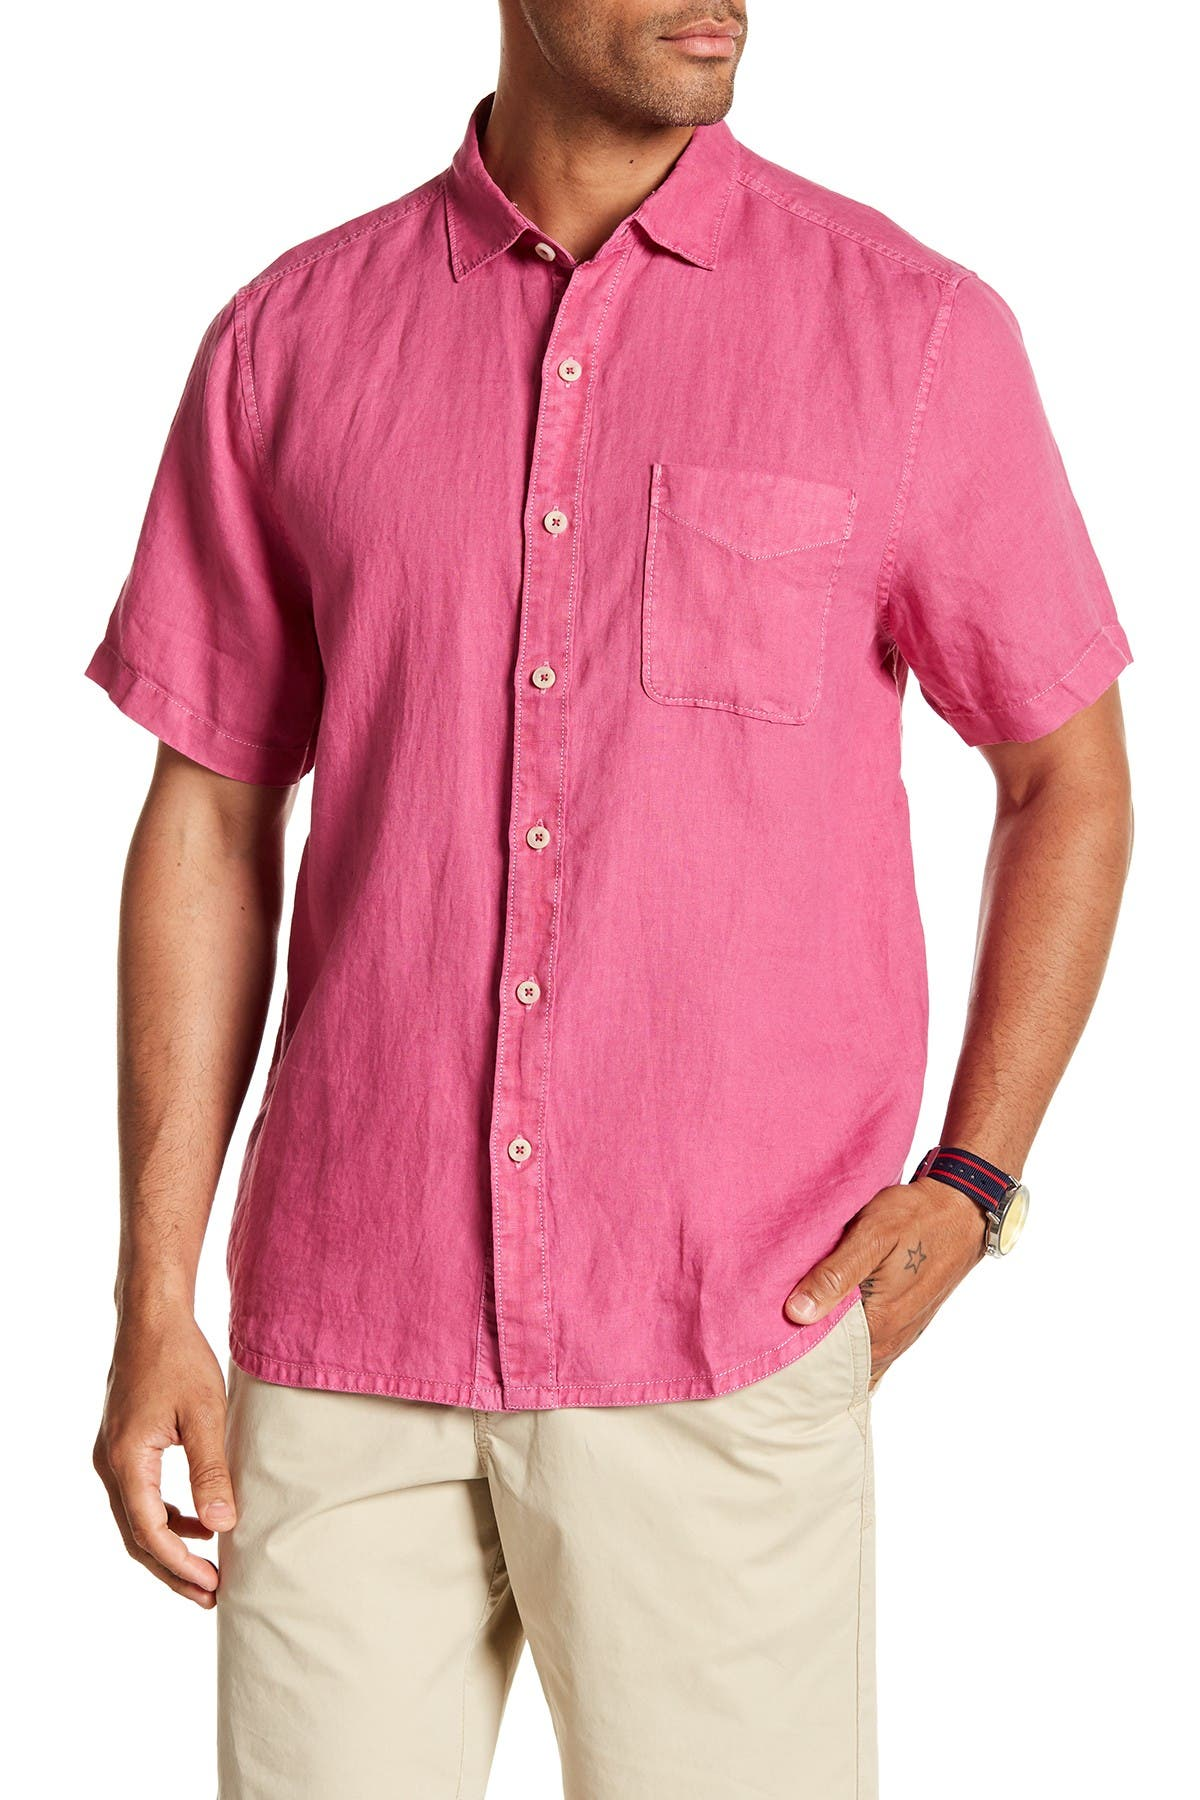 Image of Tommy Bahama Sea Spray Breezer Shirt